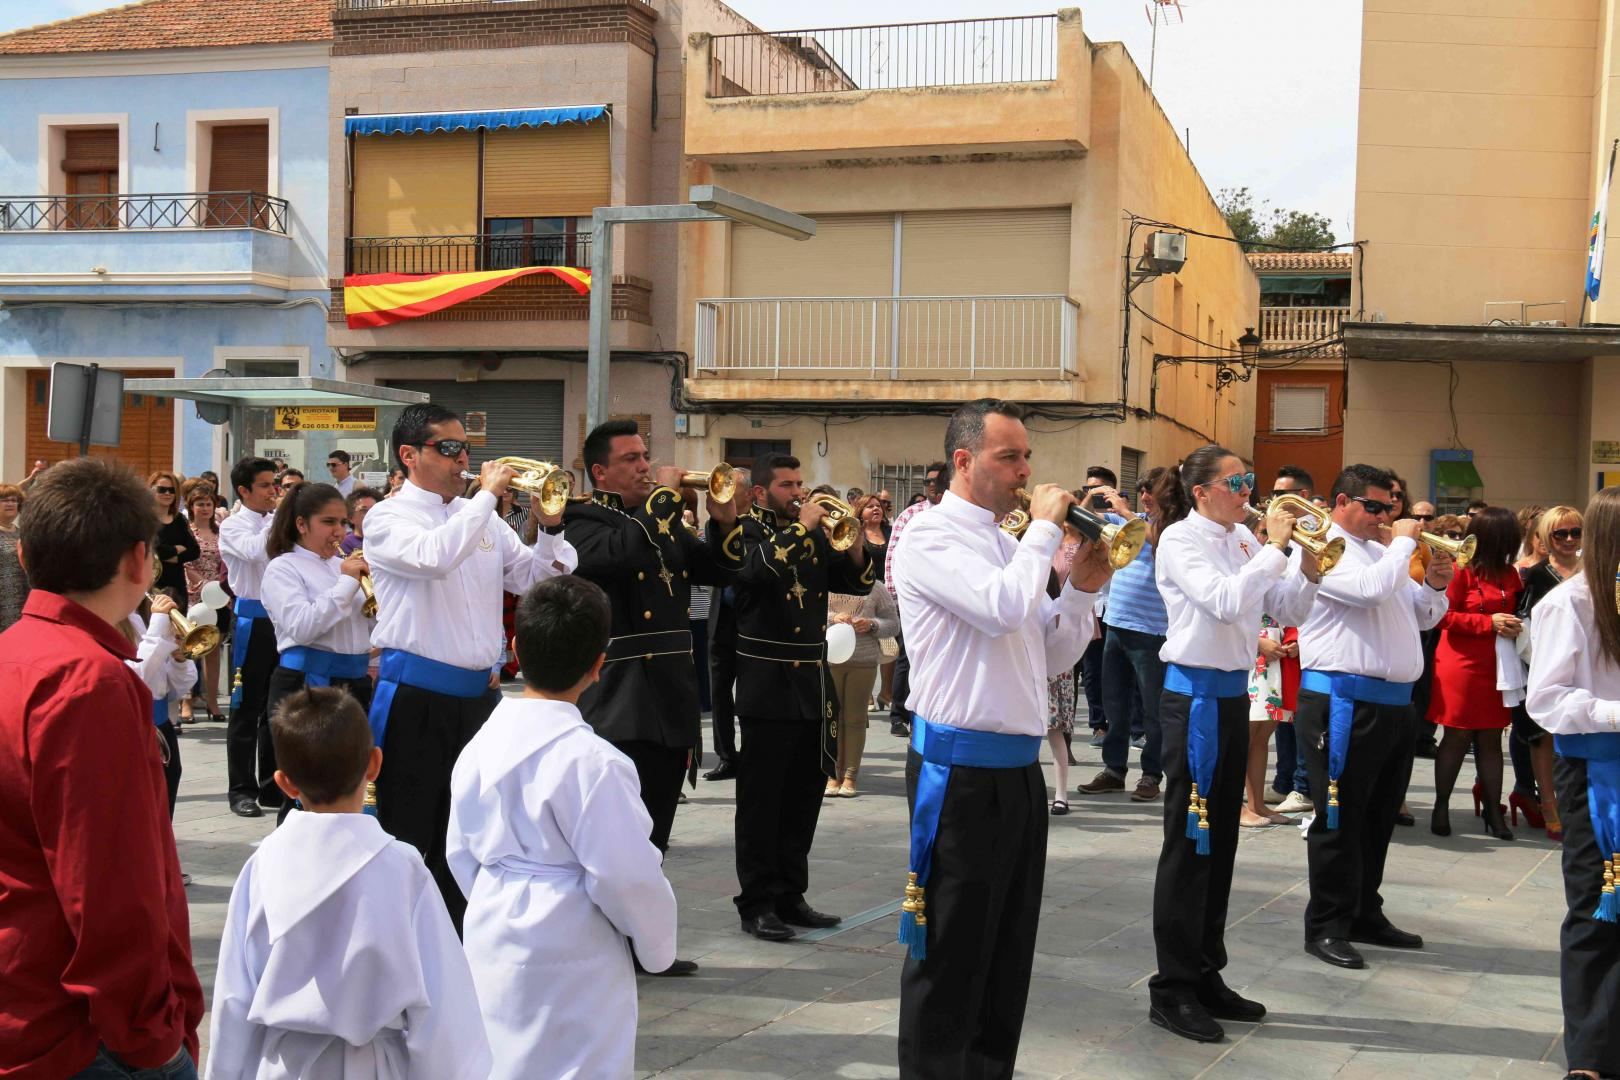 Encuentro del Niño 2016. Villanueva del Río Segura